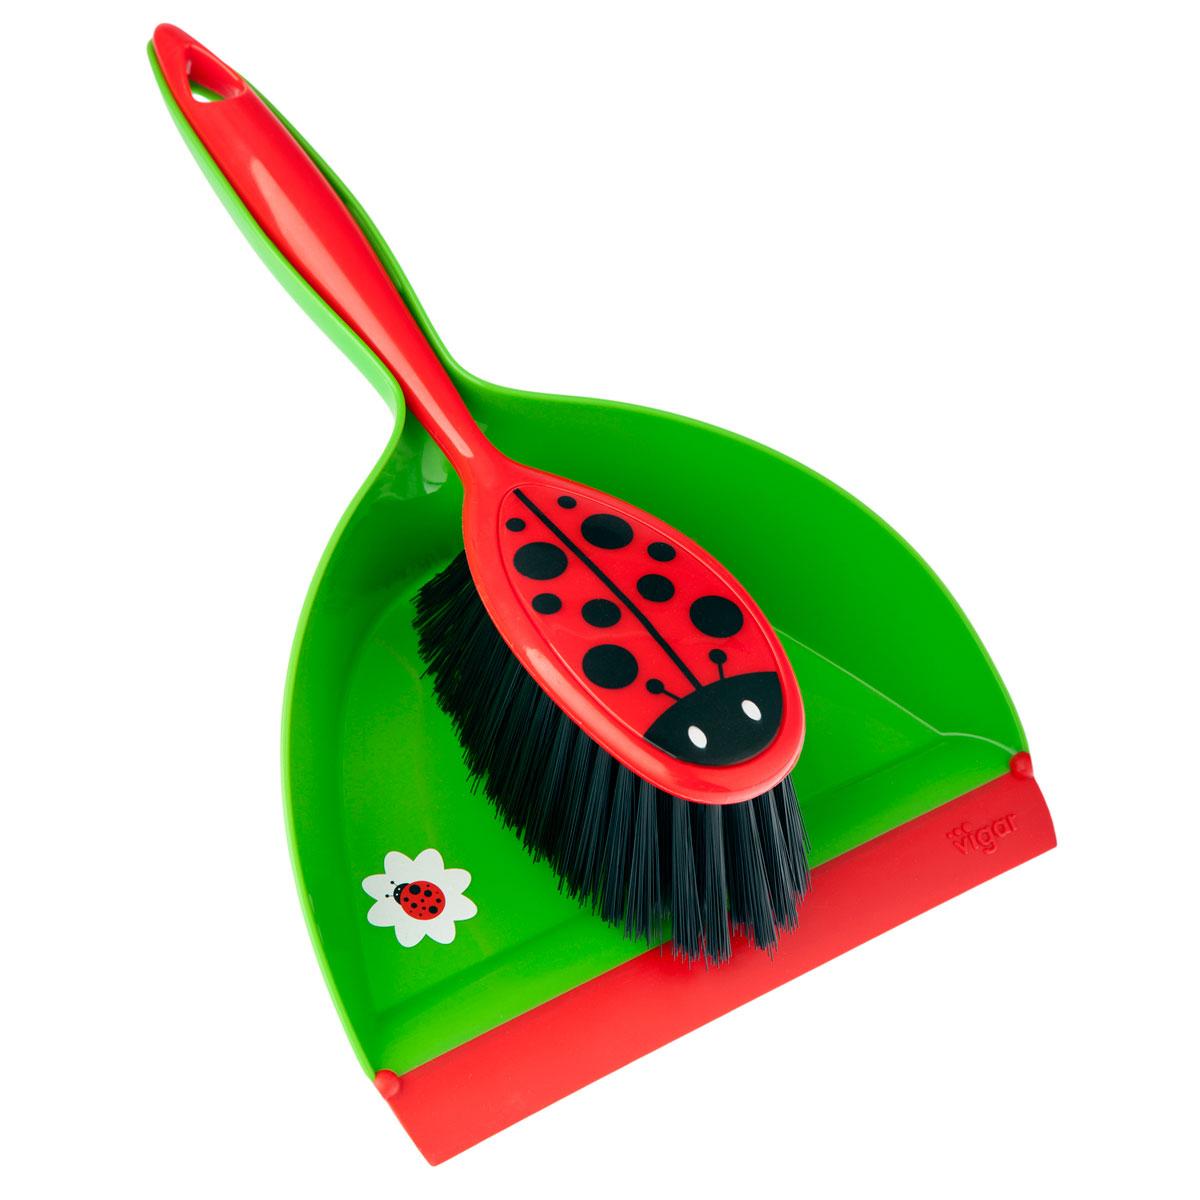 vigar pelle et balayette ladybug comparer avec. Black Bedroom Furniture Sets. Home Design Ideas